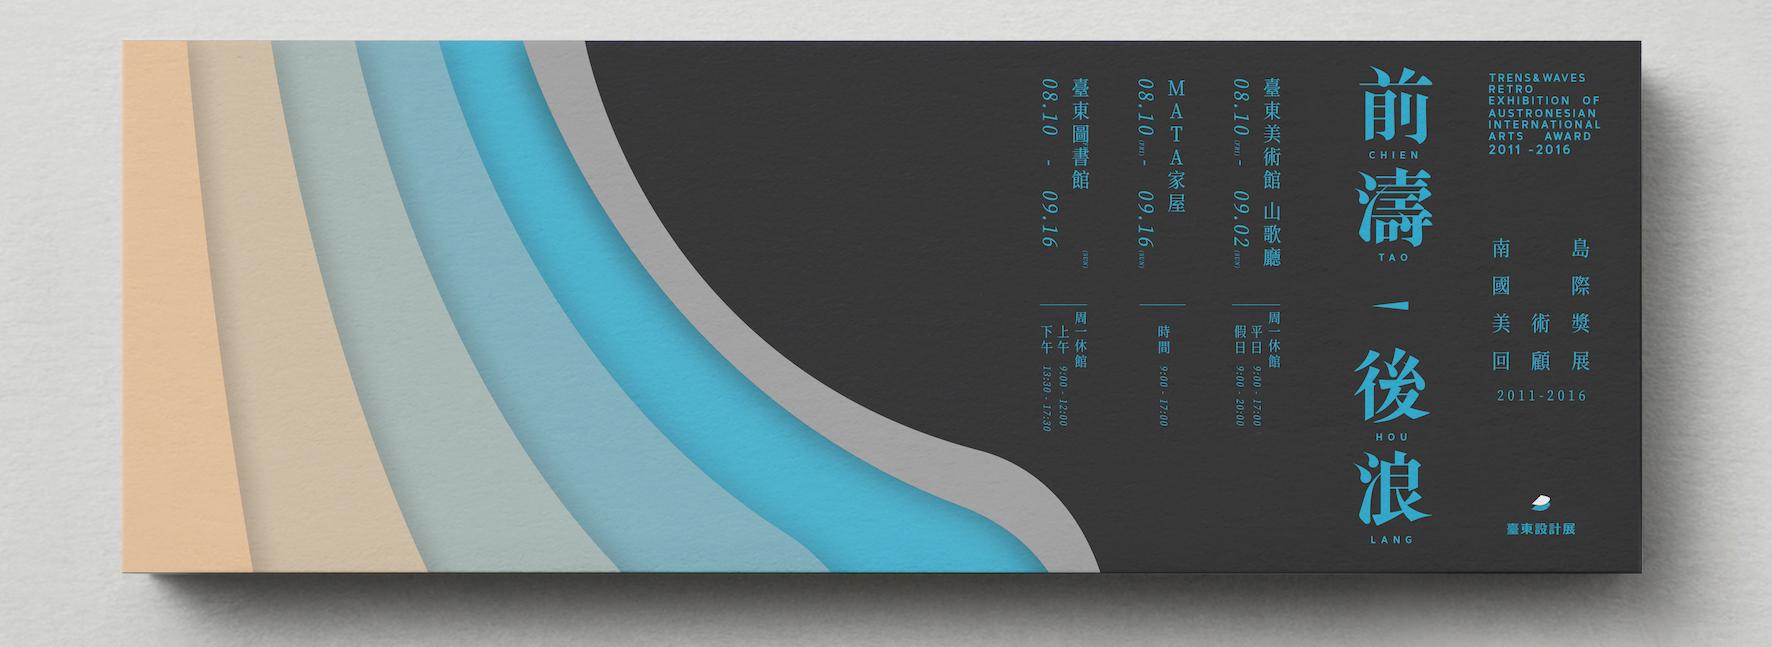 前濤‧後浪 TREND & WAVES |南島國際美術獎 回顧展